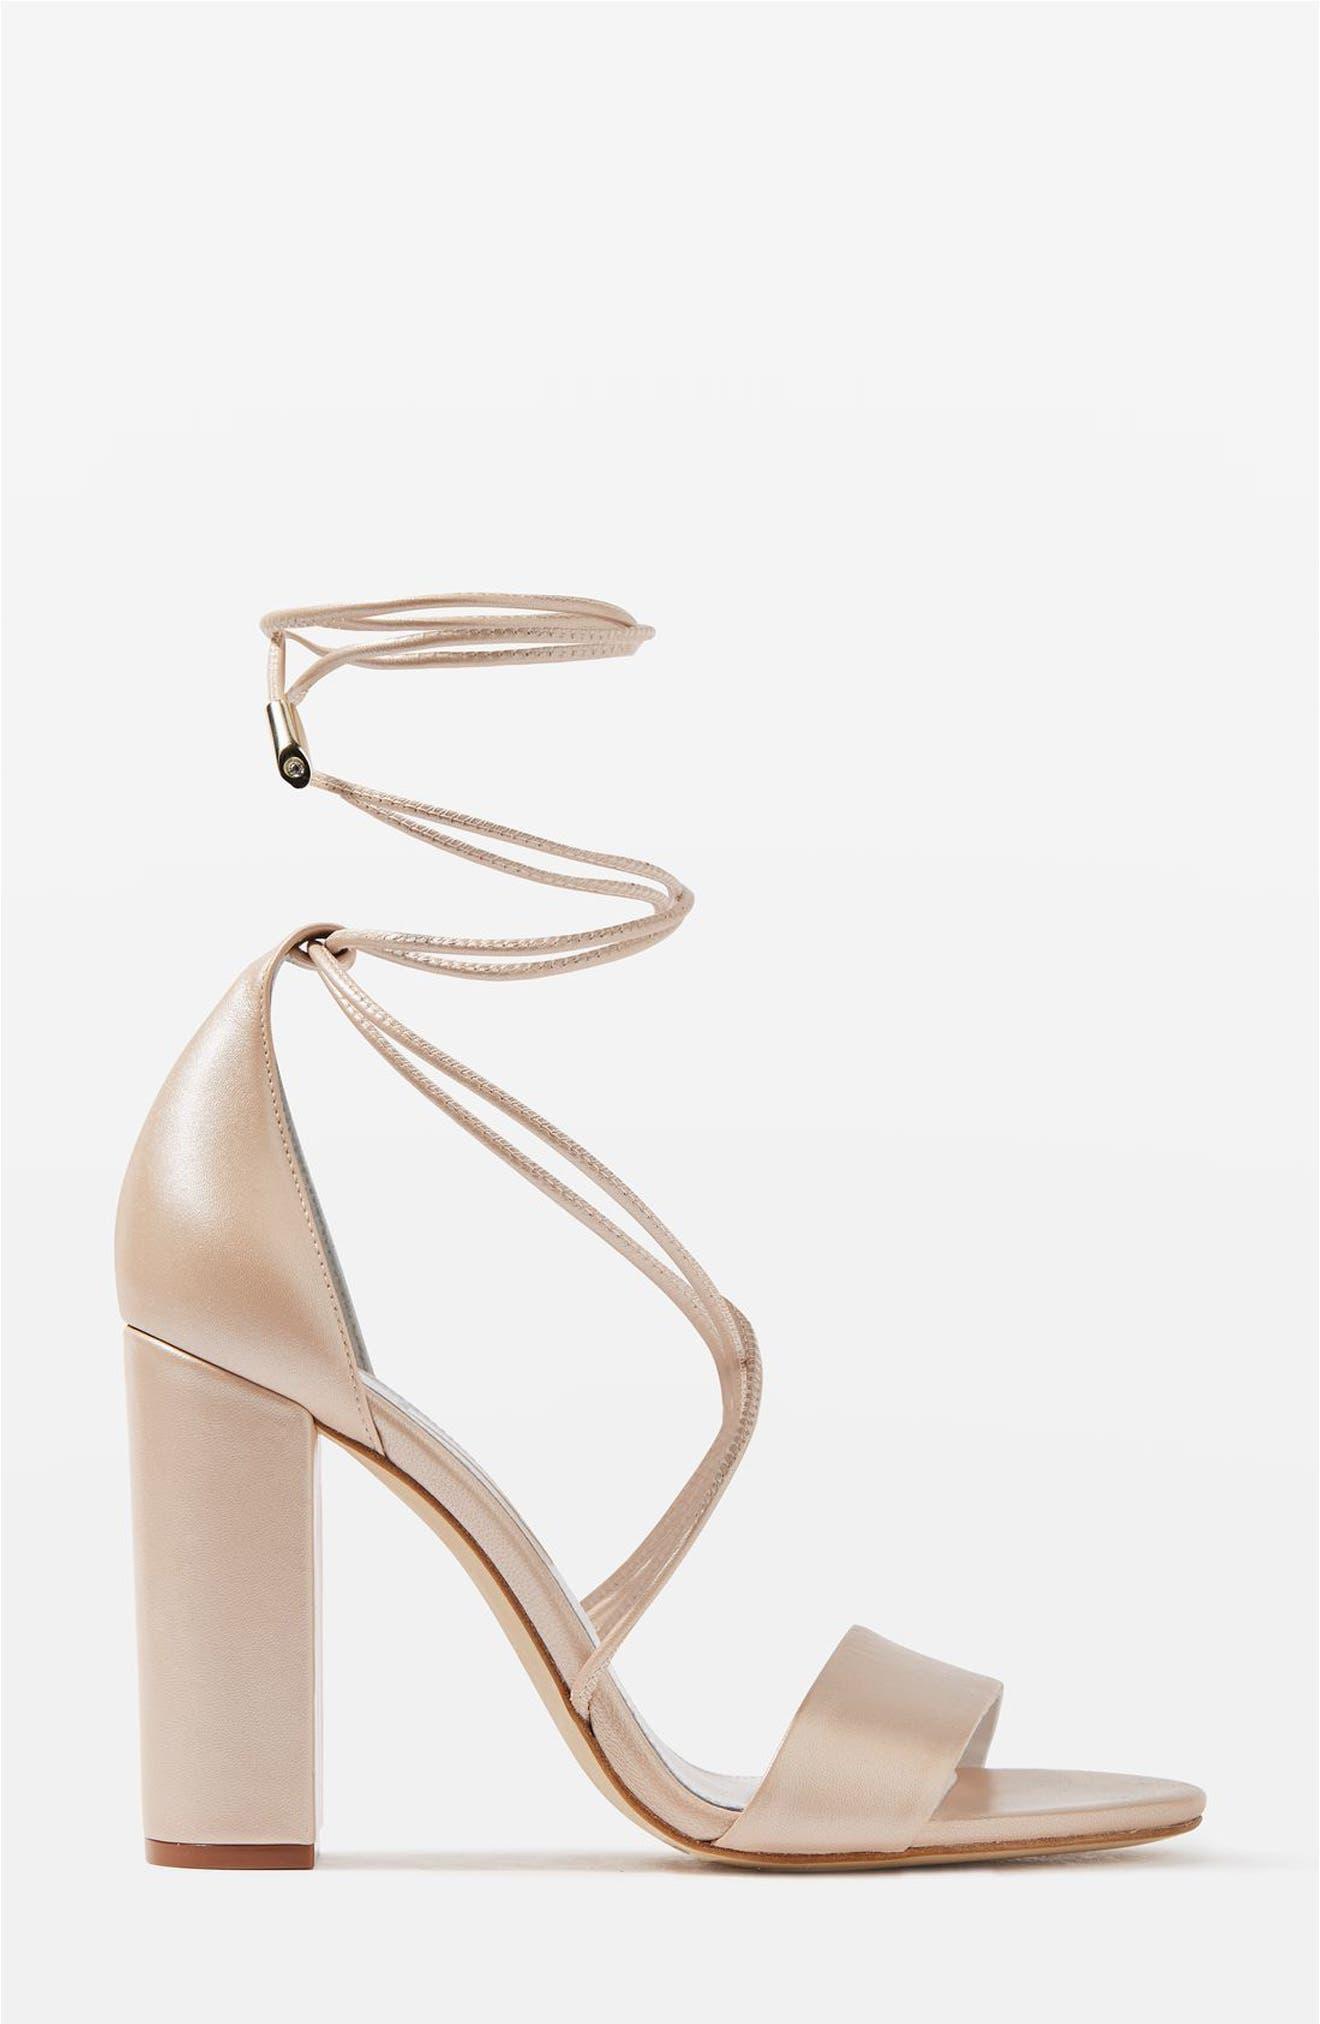 Alternate Image 1 Selected - Topshop Bride Beatrix Lace-Up Sandals (Women)